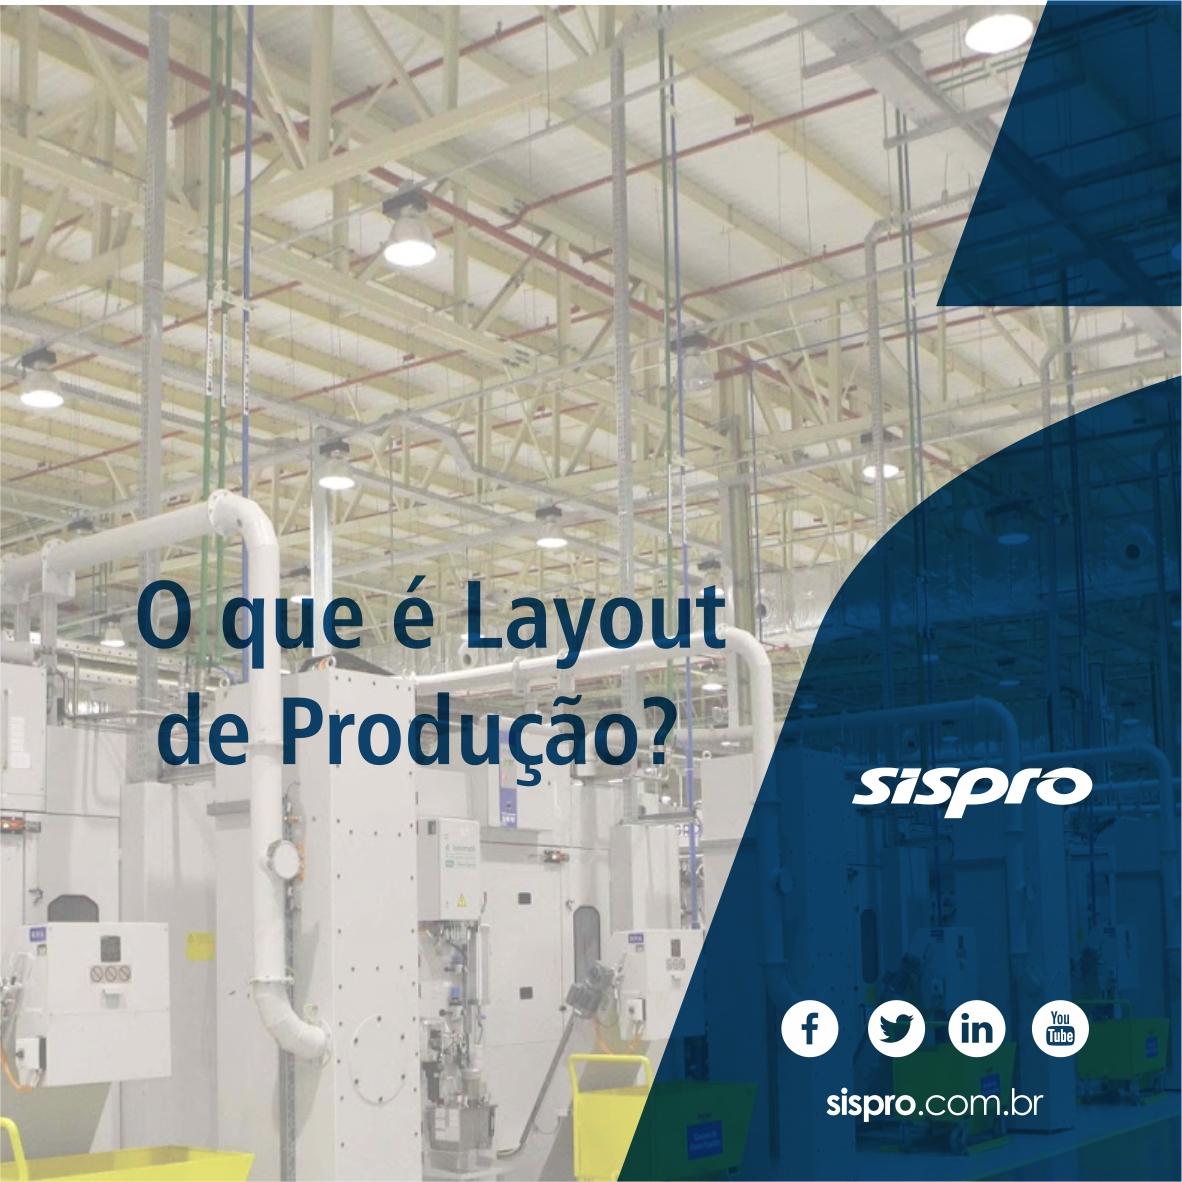 O que é layout de produção?